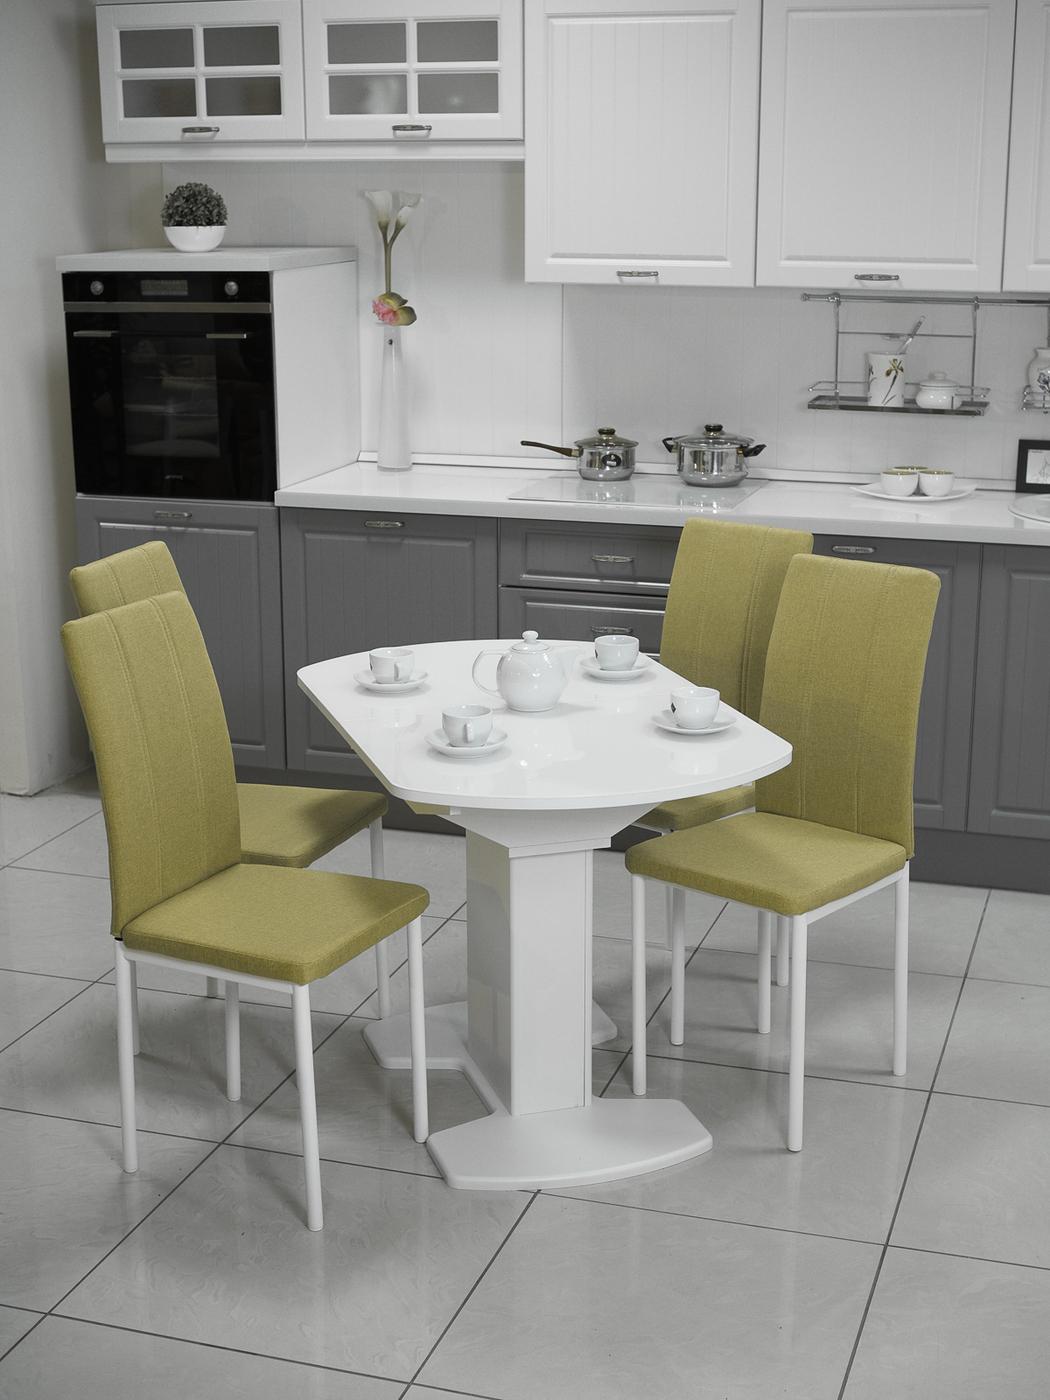 Кресло усиленное Woodland SuperMax, цвет: хаки. складное, кемпинговое, 55х62х63(83) см (алюминий) woodland складное 48x48x72 ck 036 b